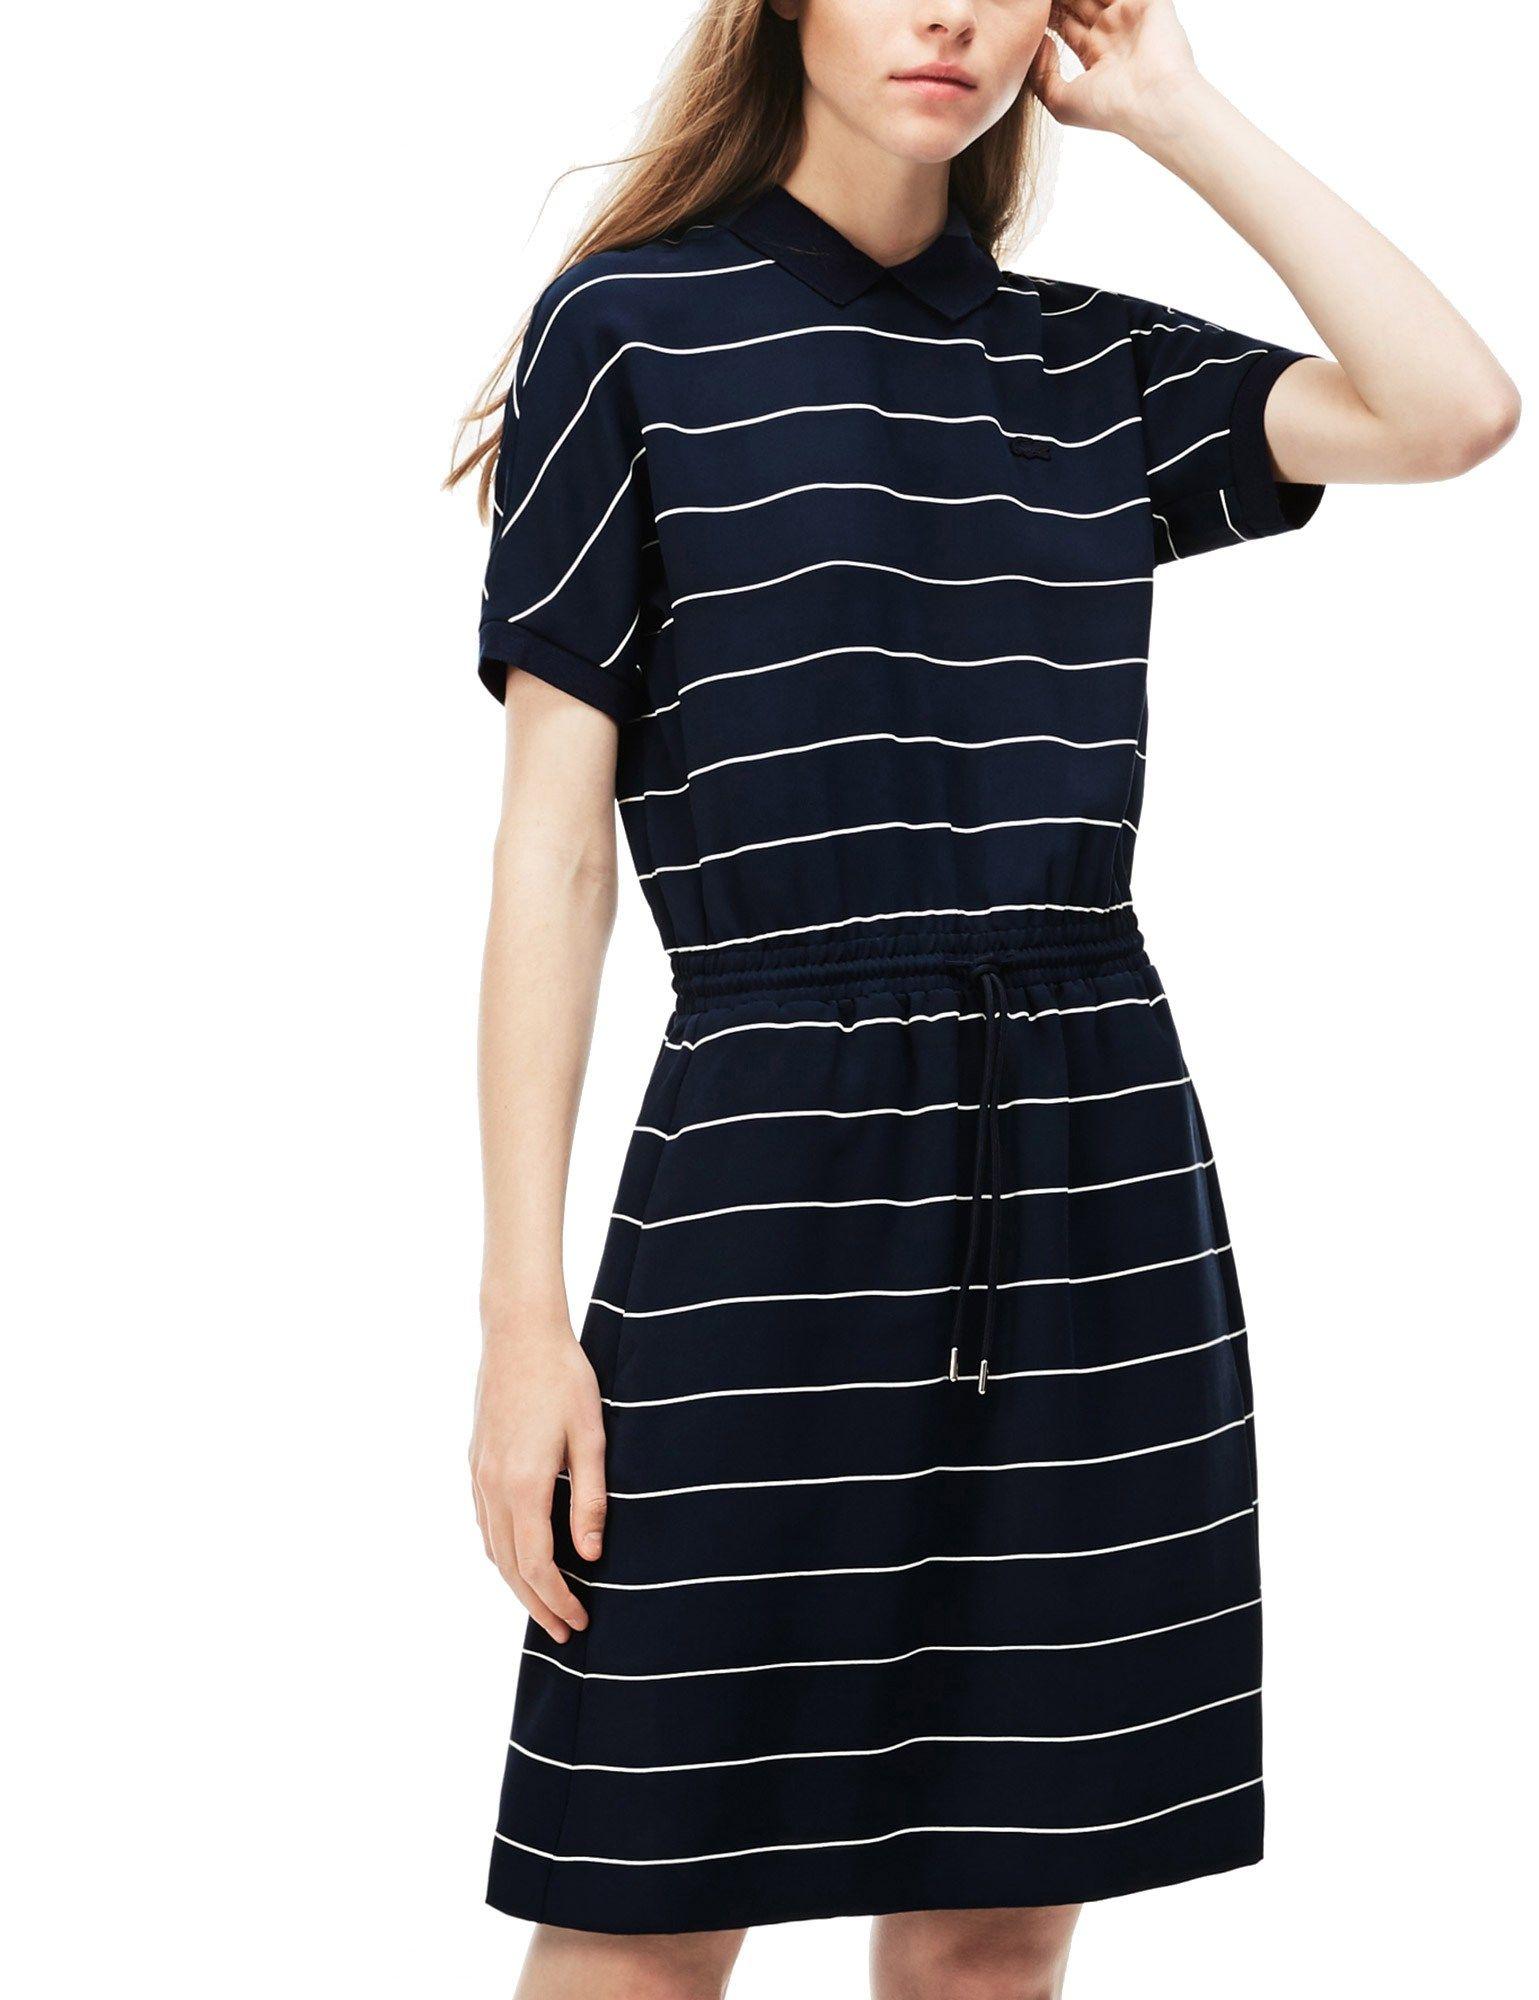 Pin by dress.gr on Γυναικεία μόδα  81605b659f1